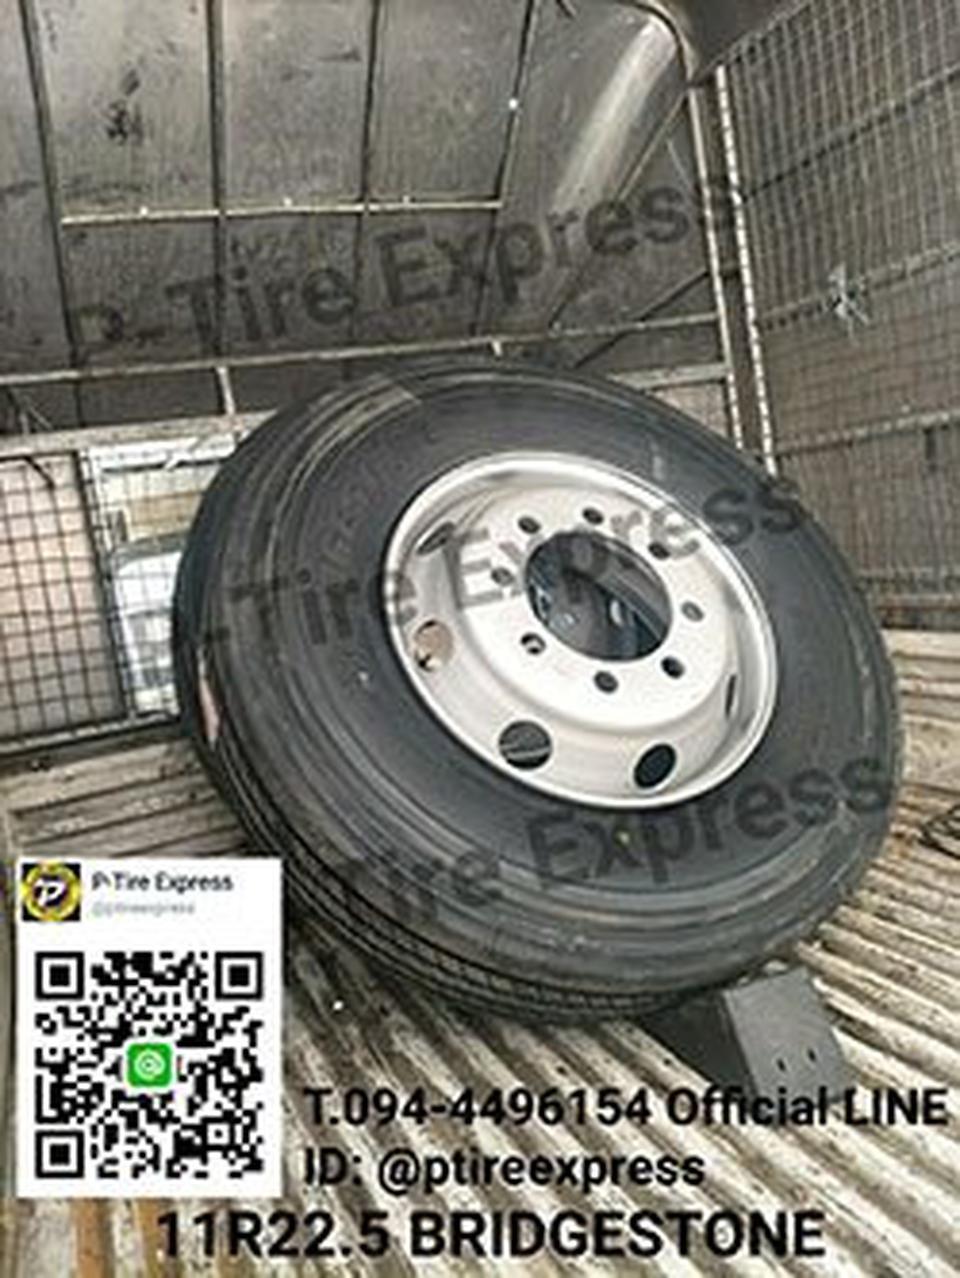 จำหน่ายยางรถ 11R22.5 ยางรถบรรทุก รถบัส รถทัวร์ สามารถติดต่อส รูปที่ 1